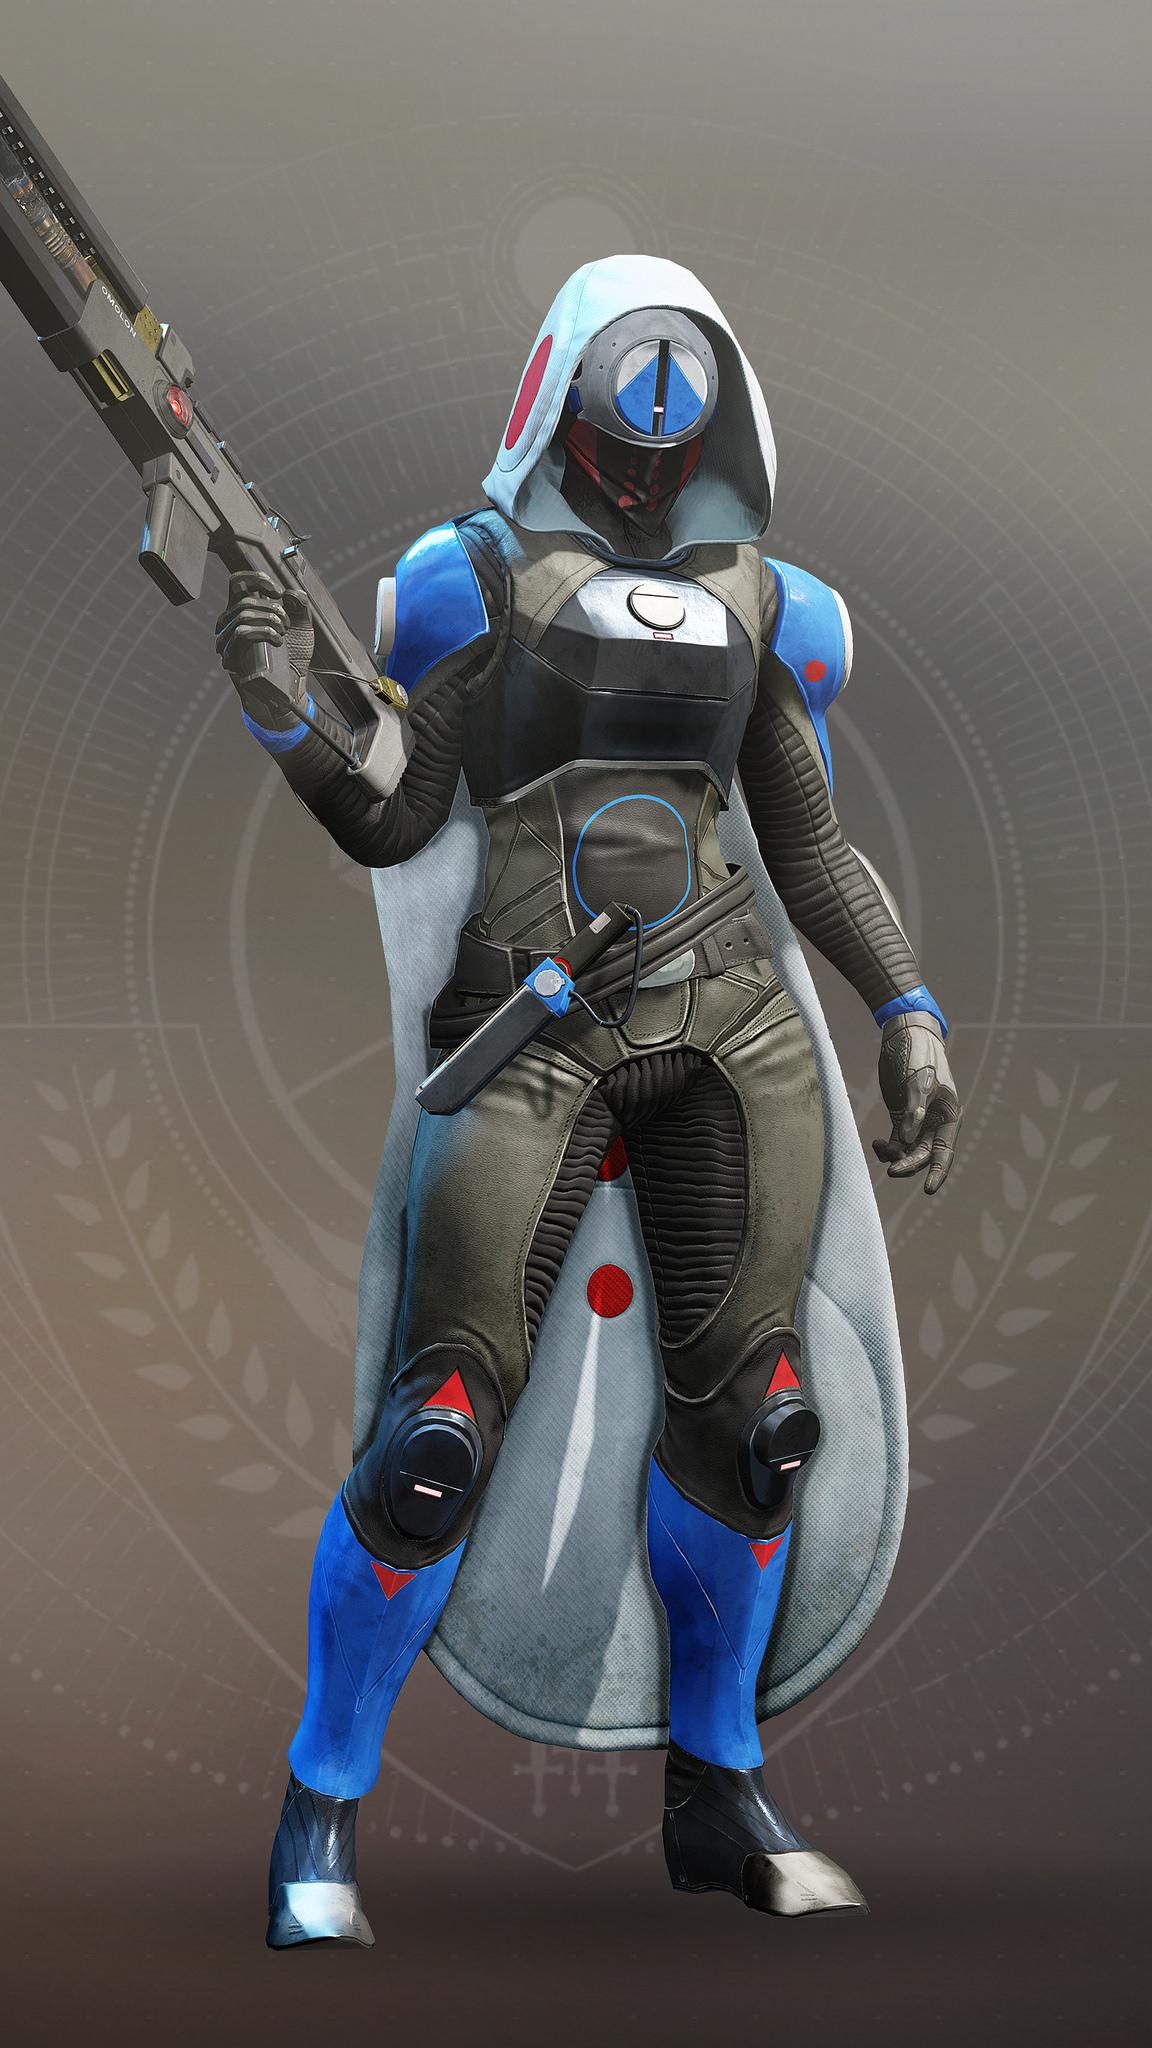 destiny 2 armor guide